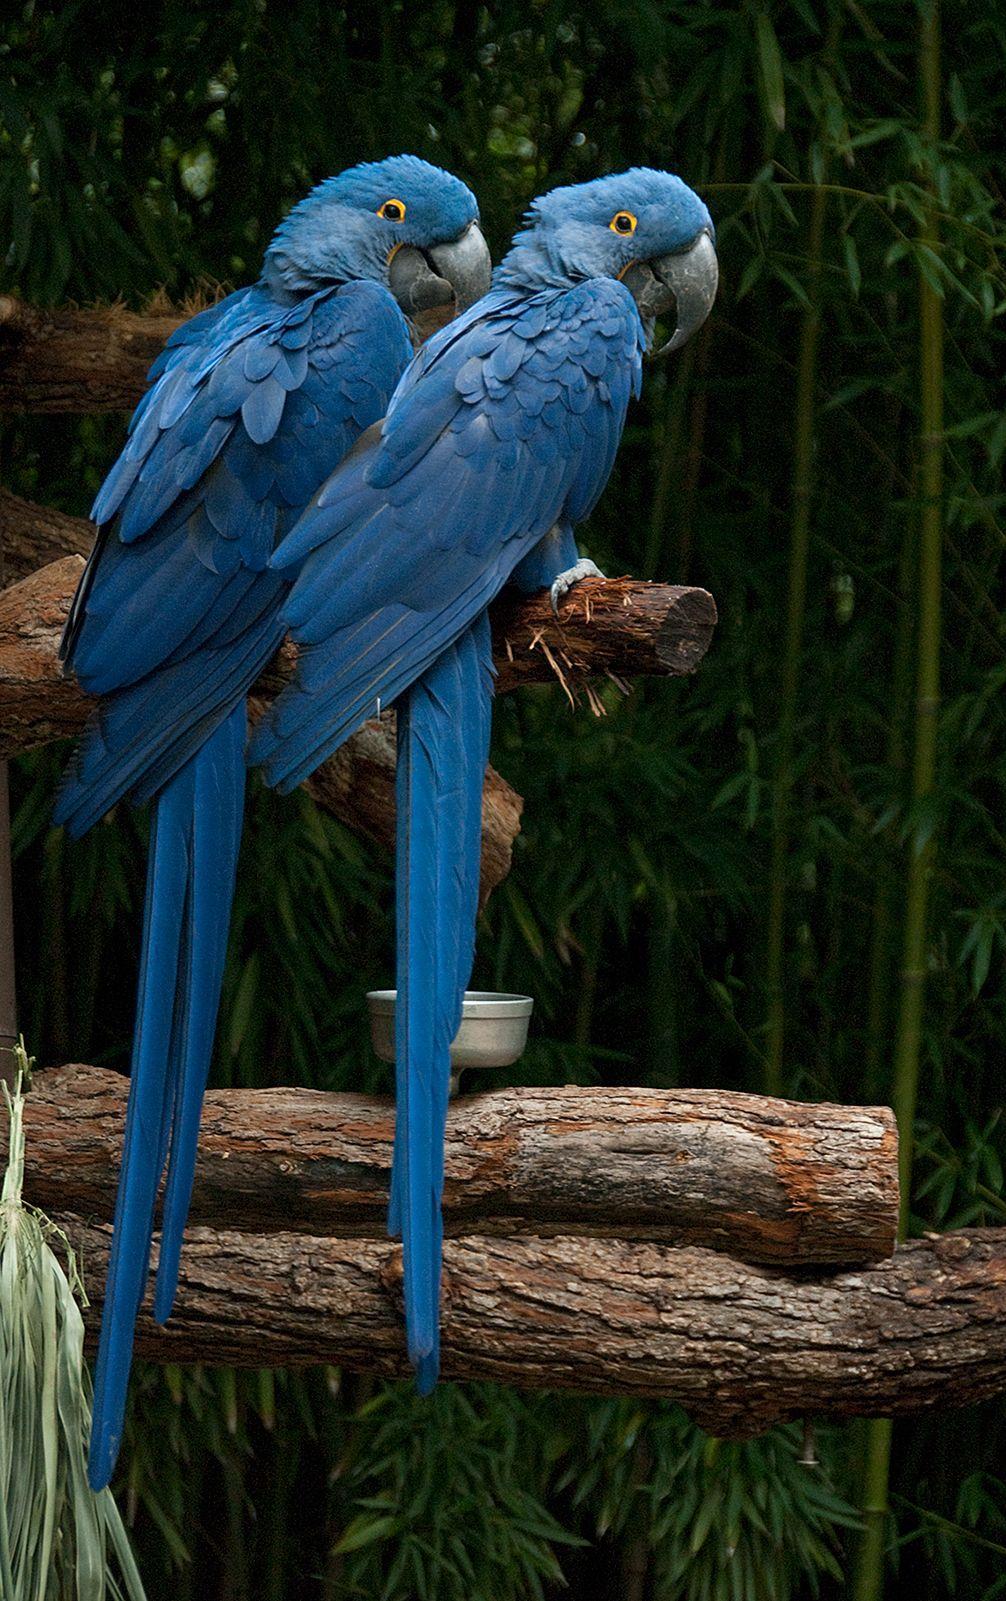 The Rare Blue Macaw Birds | Hyacinth Macaws by Dusty R Shutt